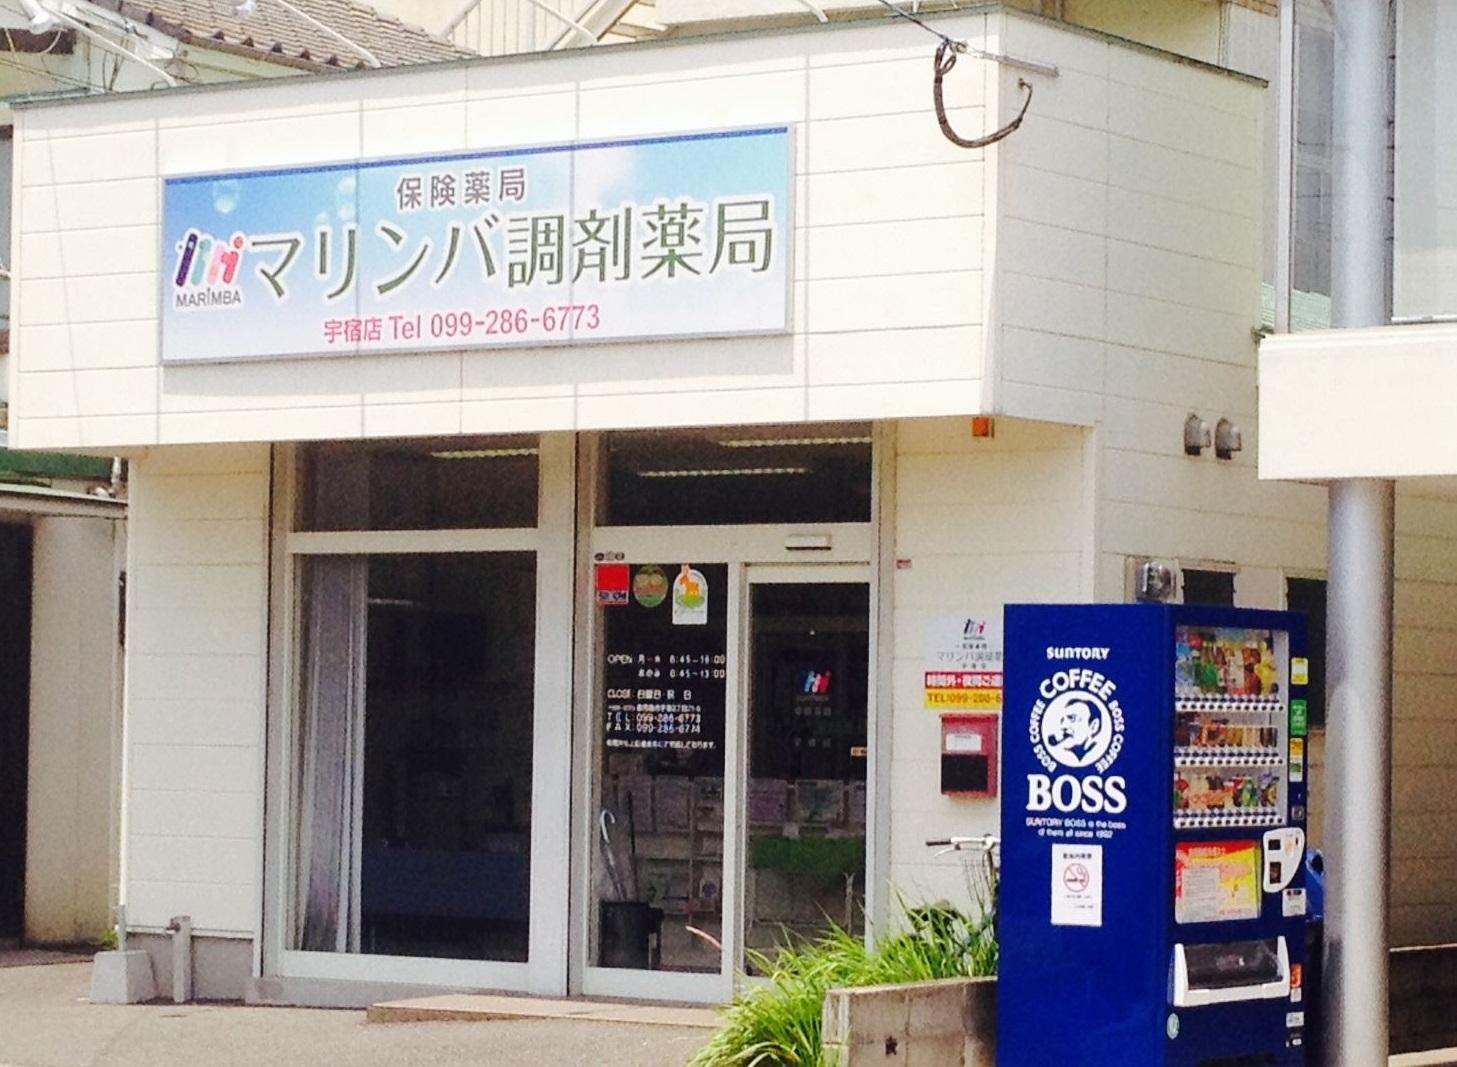 マリンバ調剤薬局宇宿店の外観